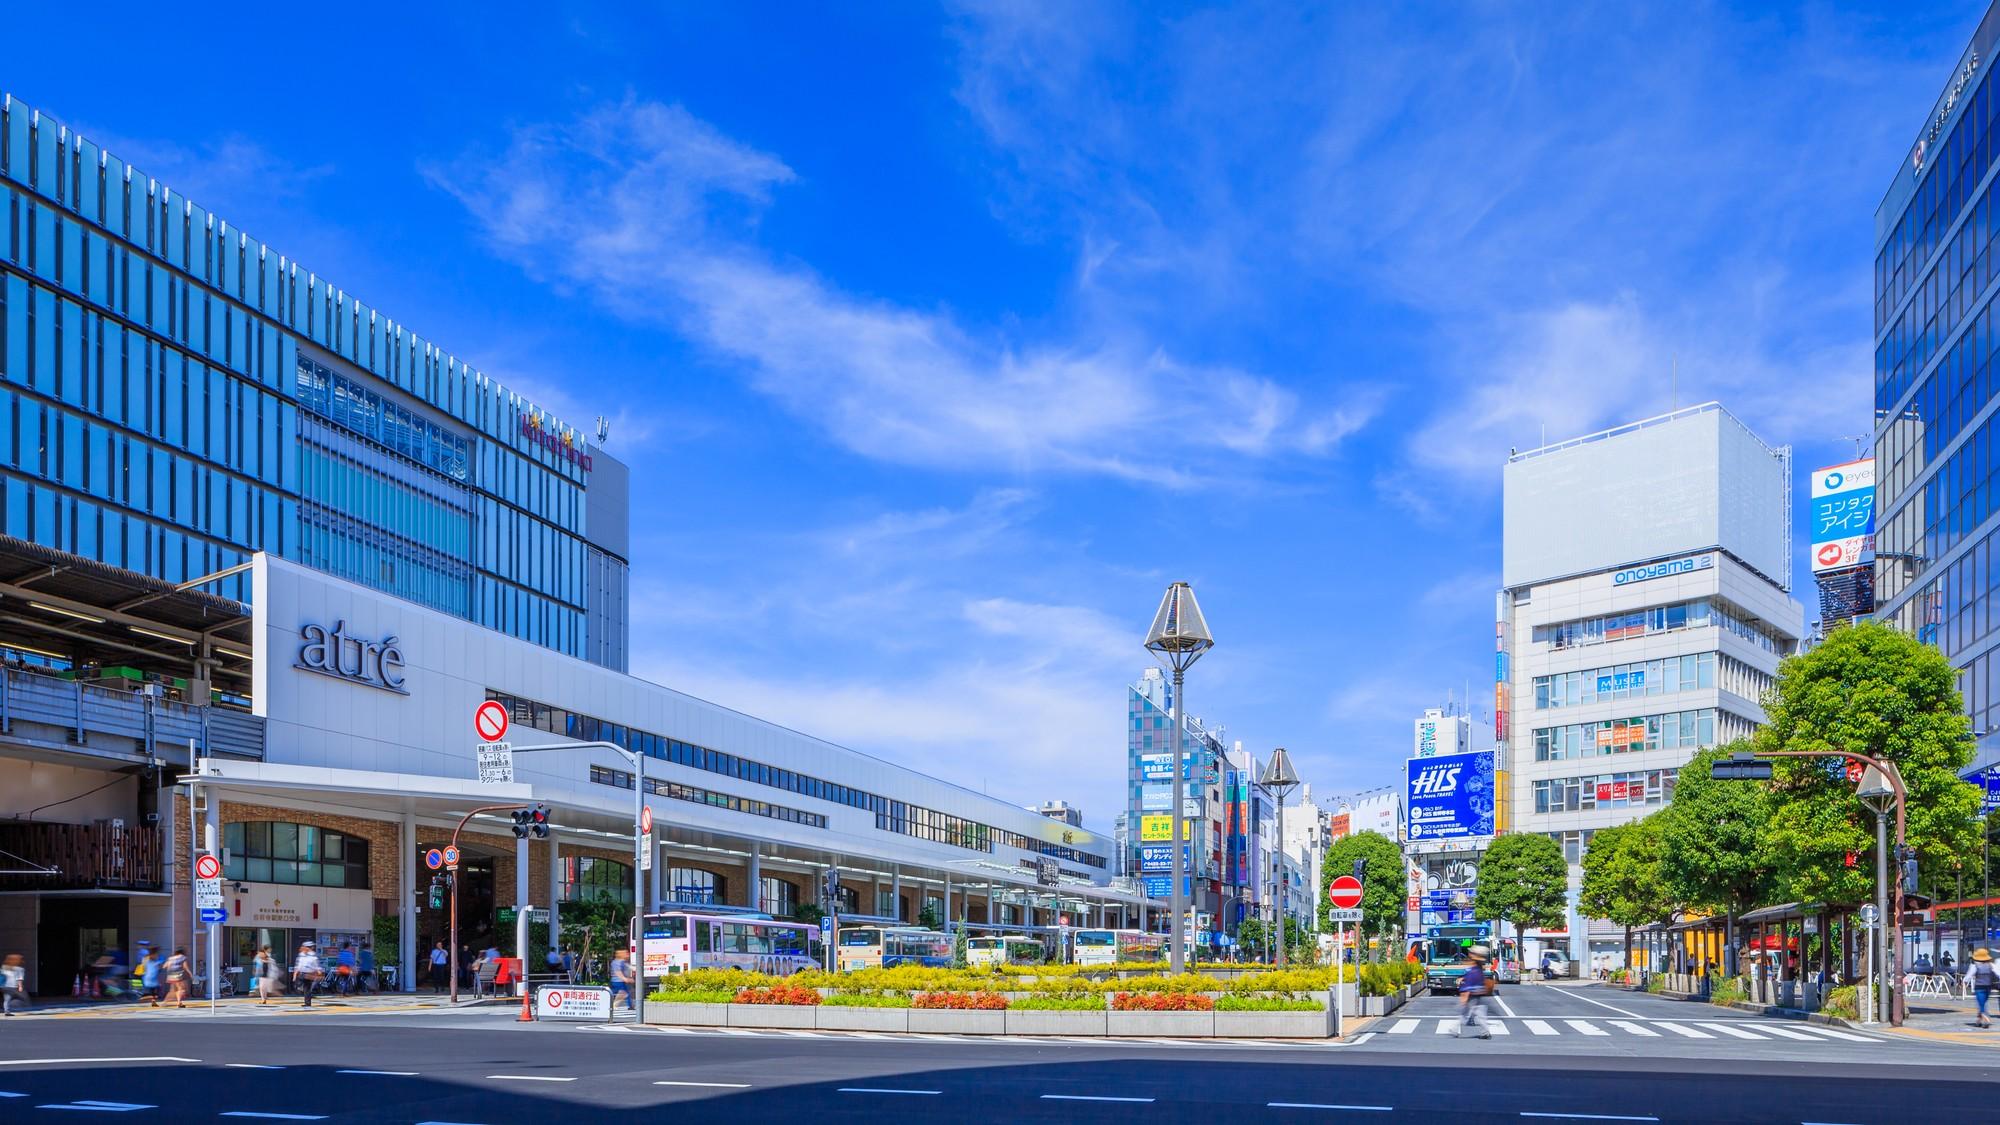 今年も人気だった「吉祥寺」…将来は住みたい街から陥落か?